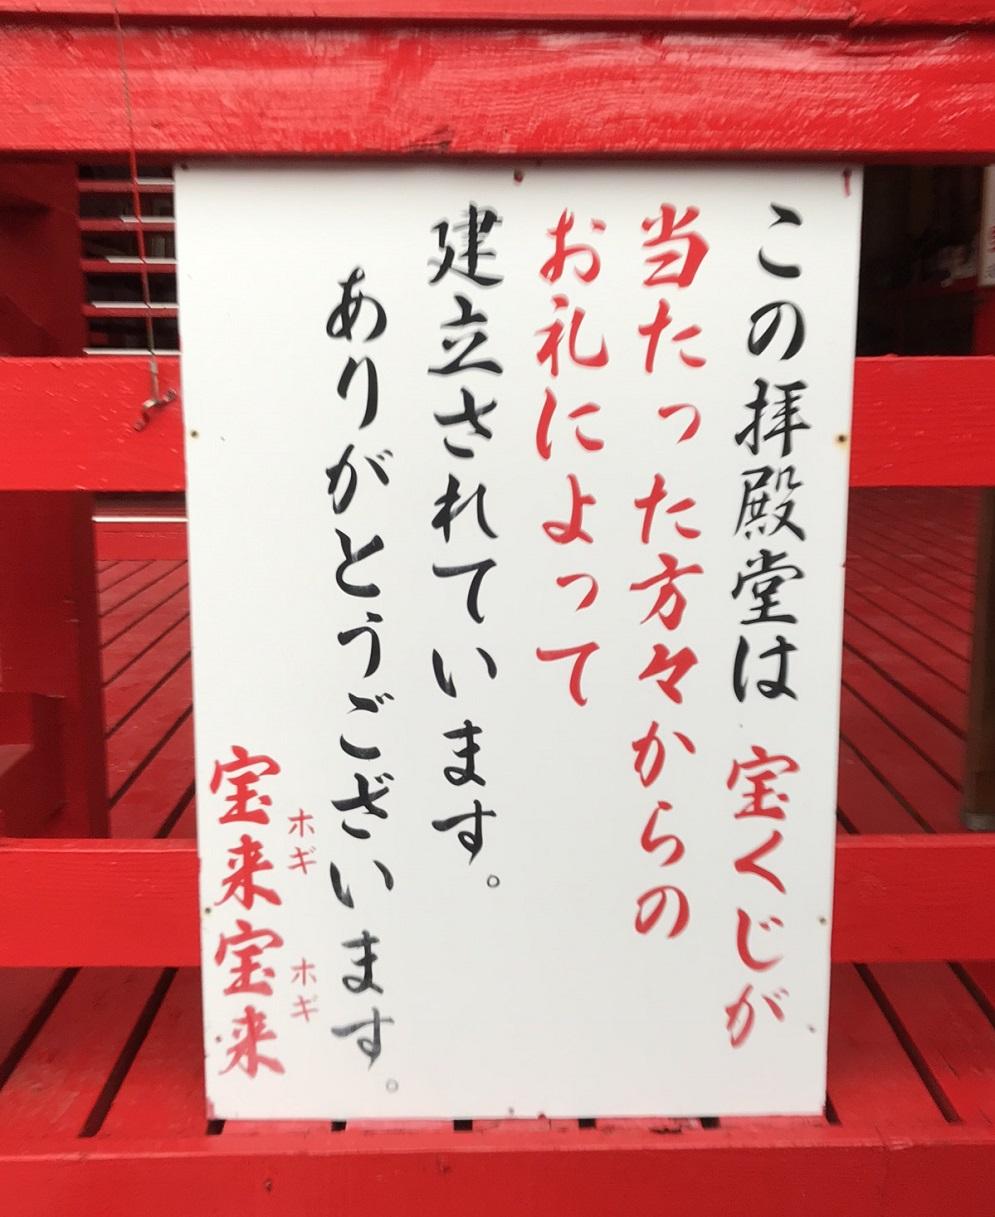 宝来宝来神社拝殿堂説明札(阿蘇宝くじが当たる神社)